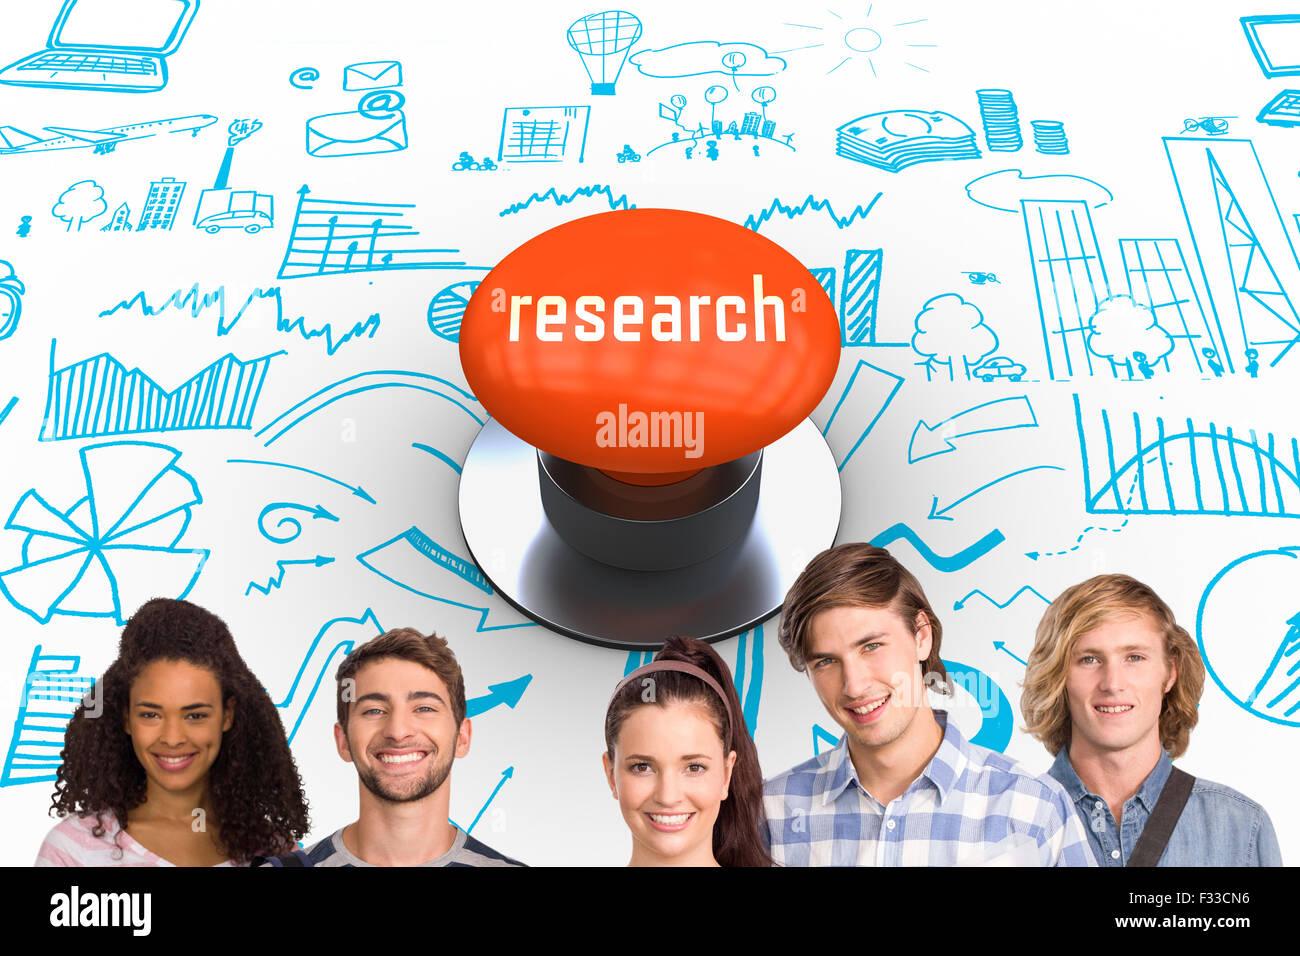 Bouton poussoir orange contre recherche Banque D'Images